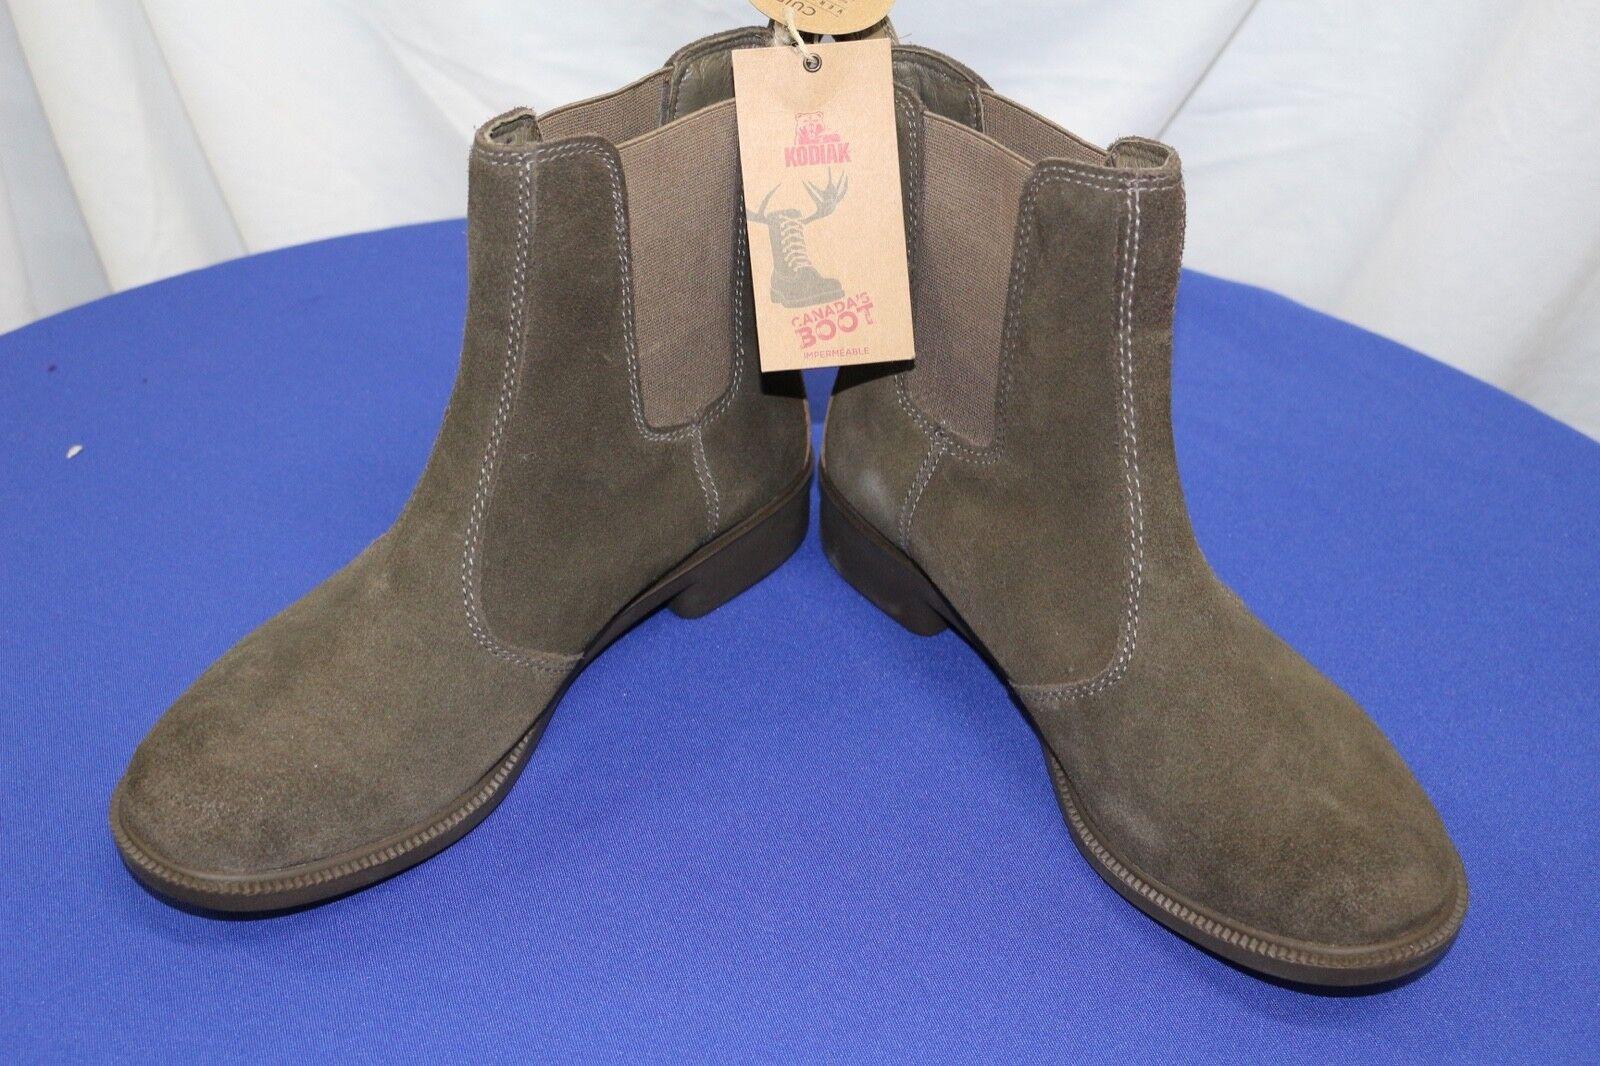 NIB Kodiak Women's Bria Olive Suede Chelsea Boots Size 10